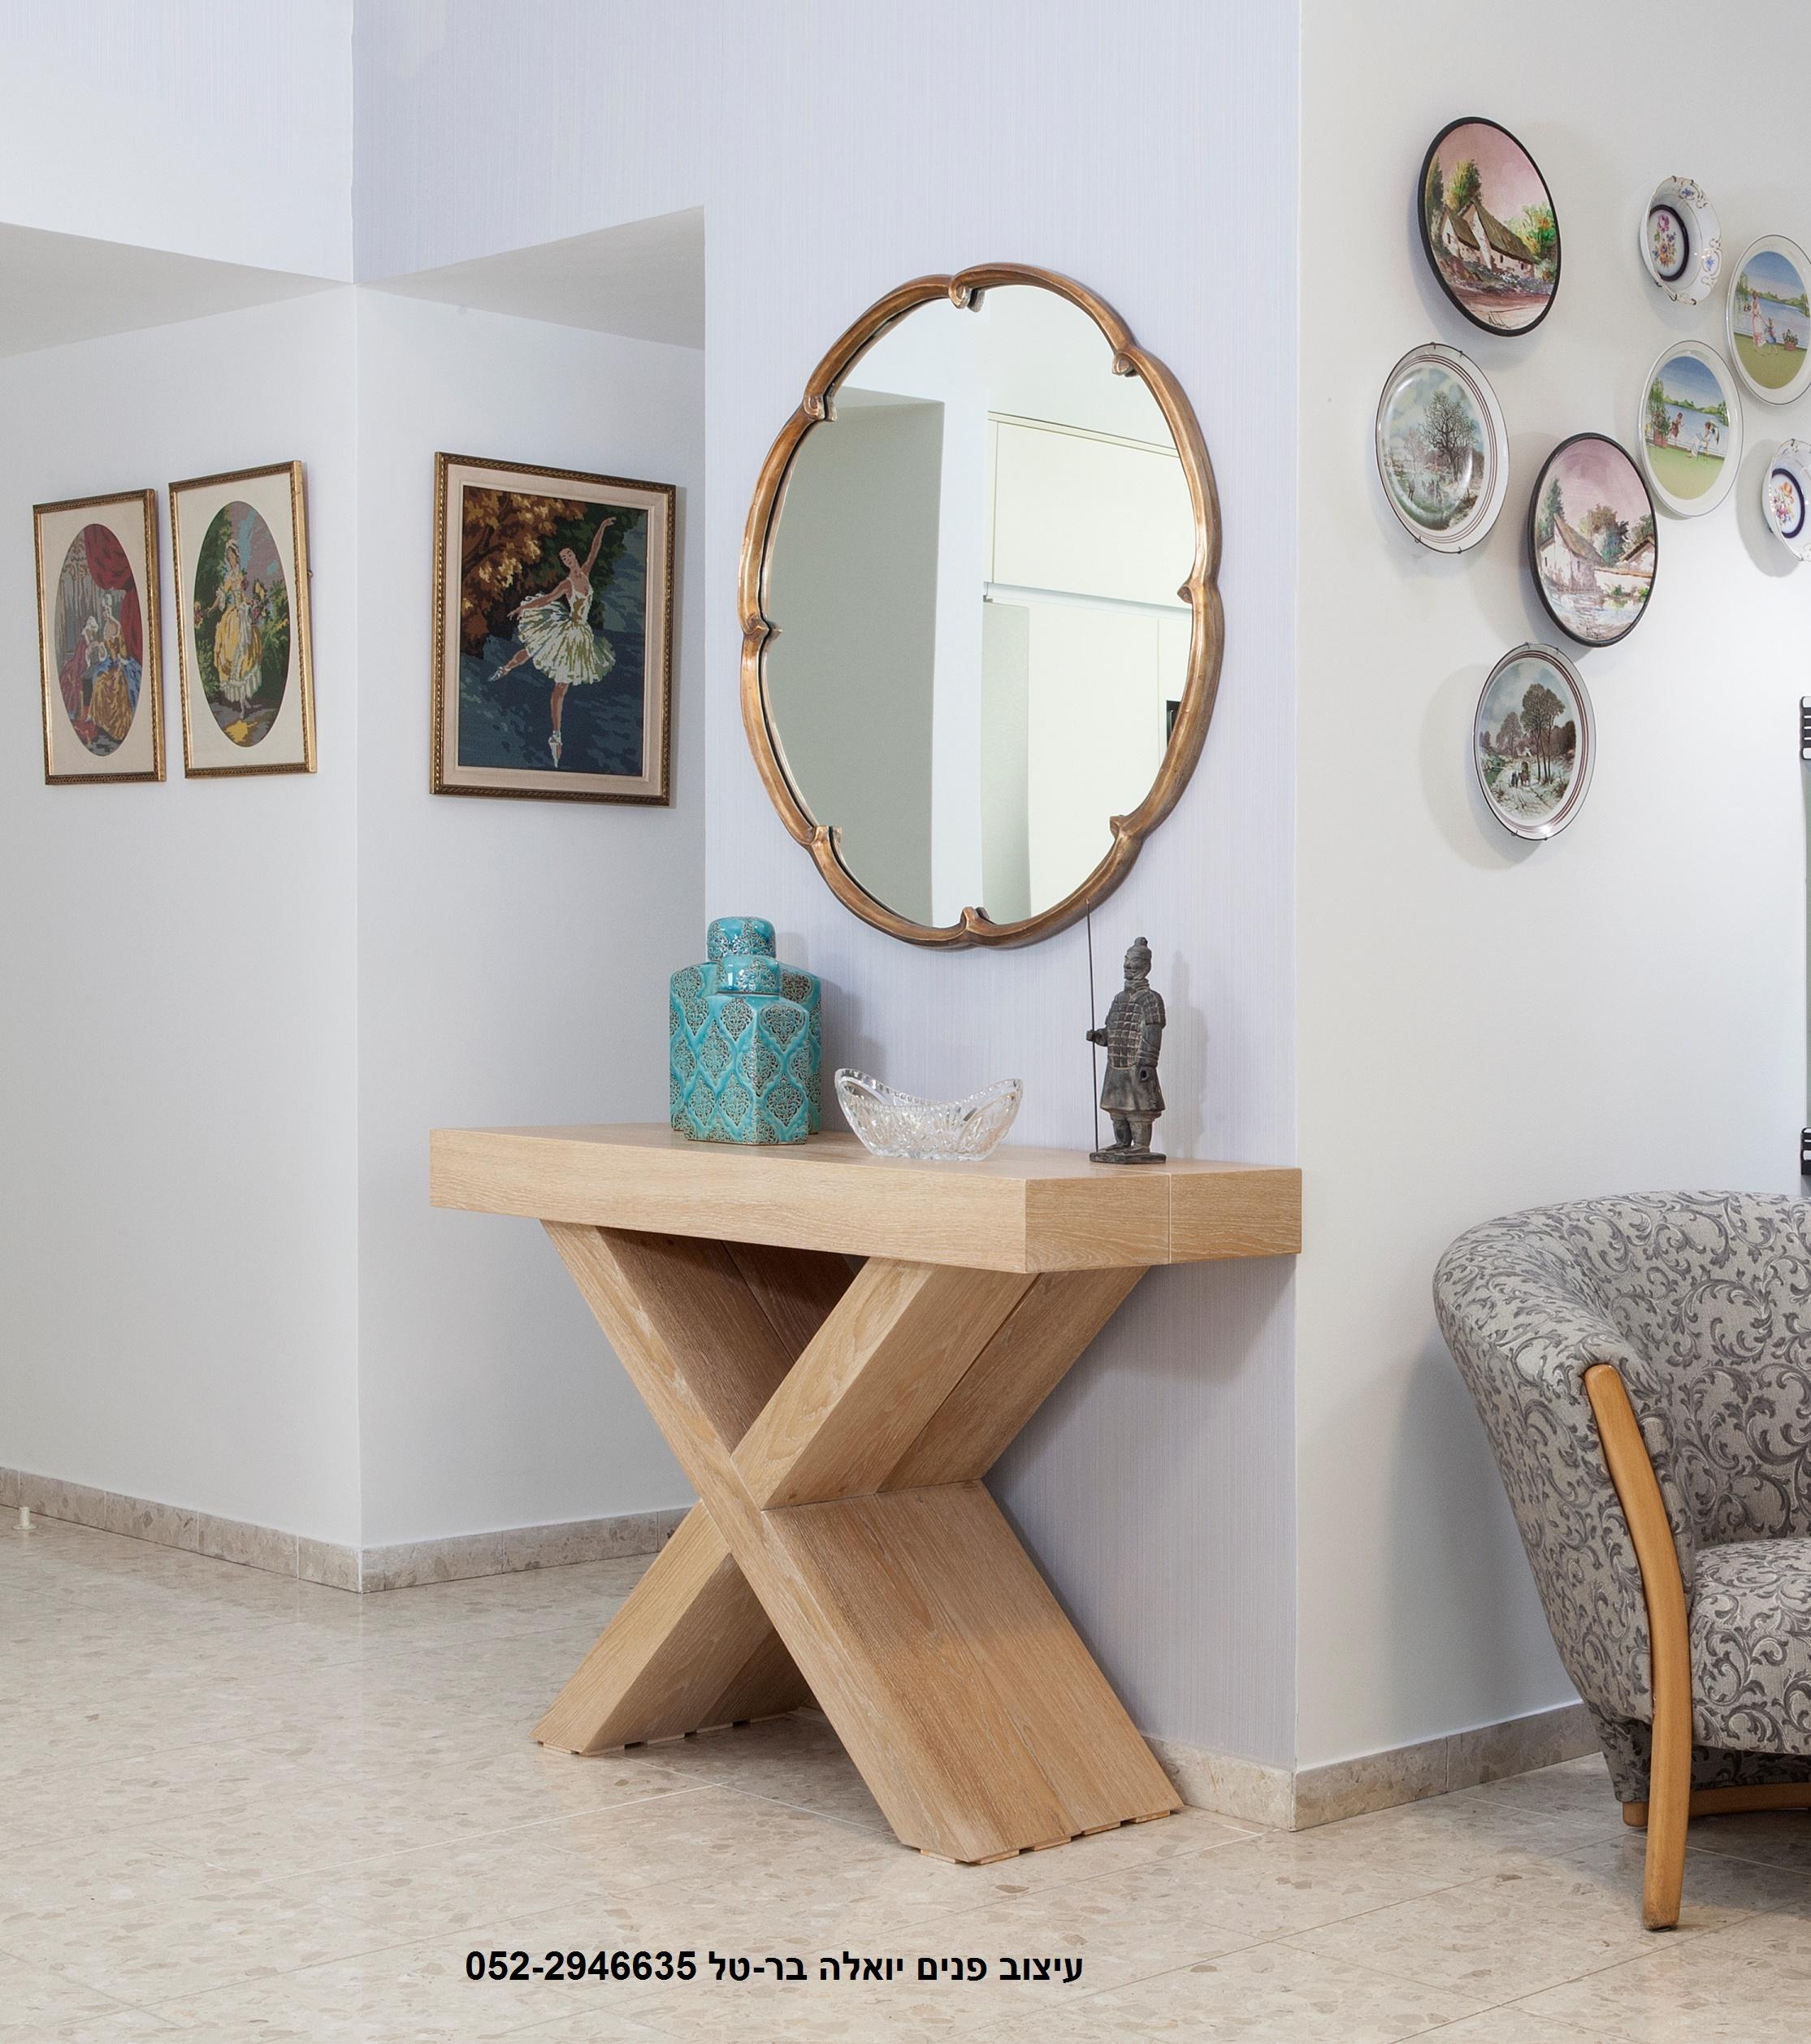 עיצוב כניסה לבית מעצבת פנים יואלה בר